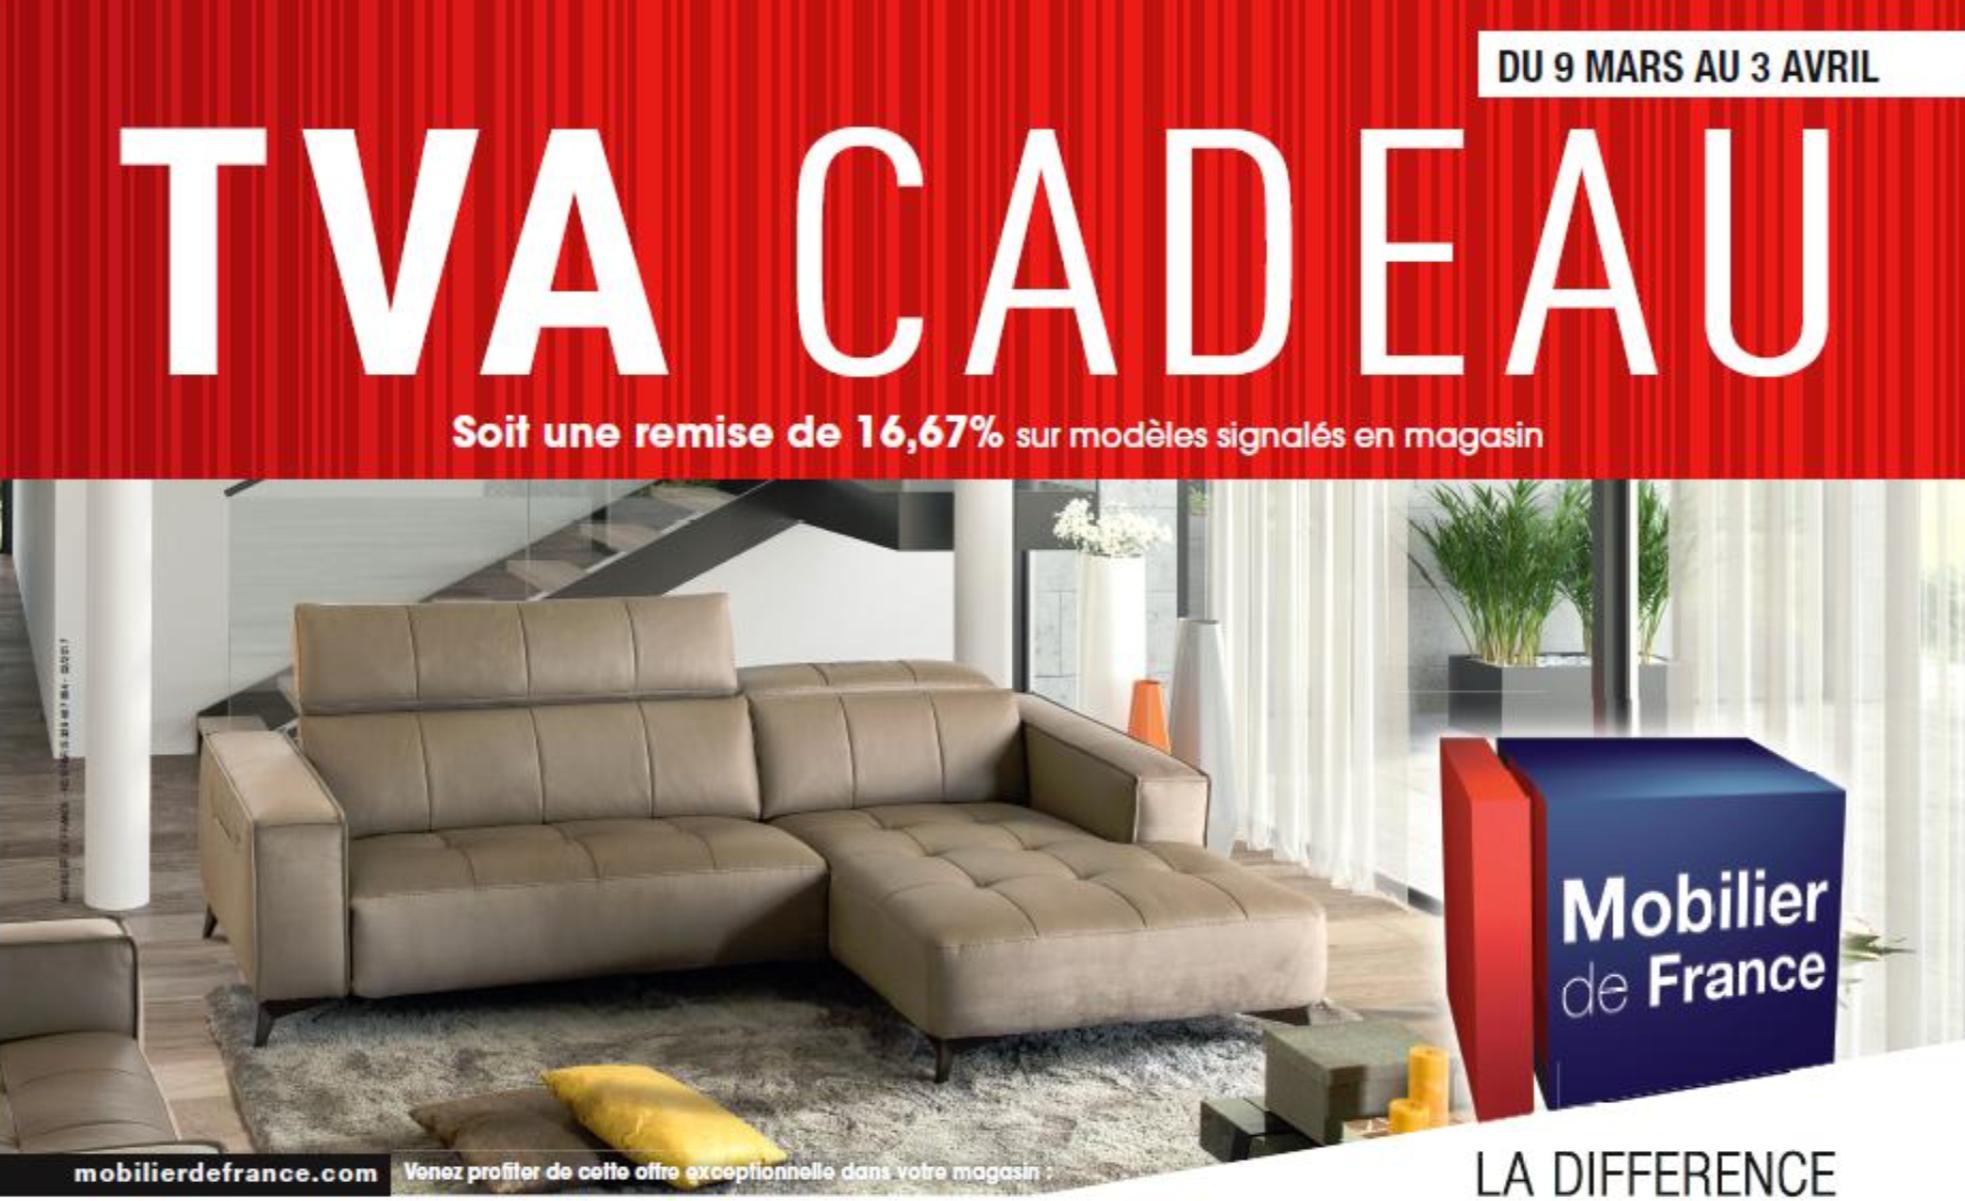 CHEZ MOBILIER DE FRANCE LA TVA C'EST CADEAU